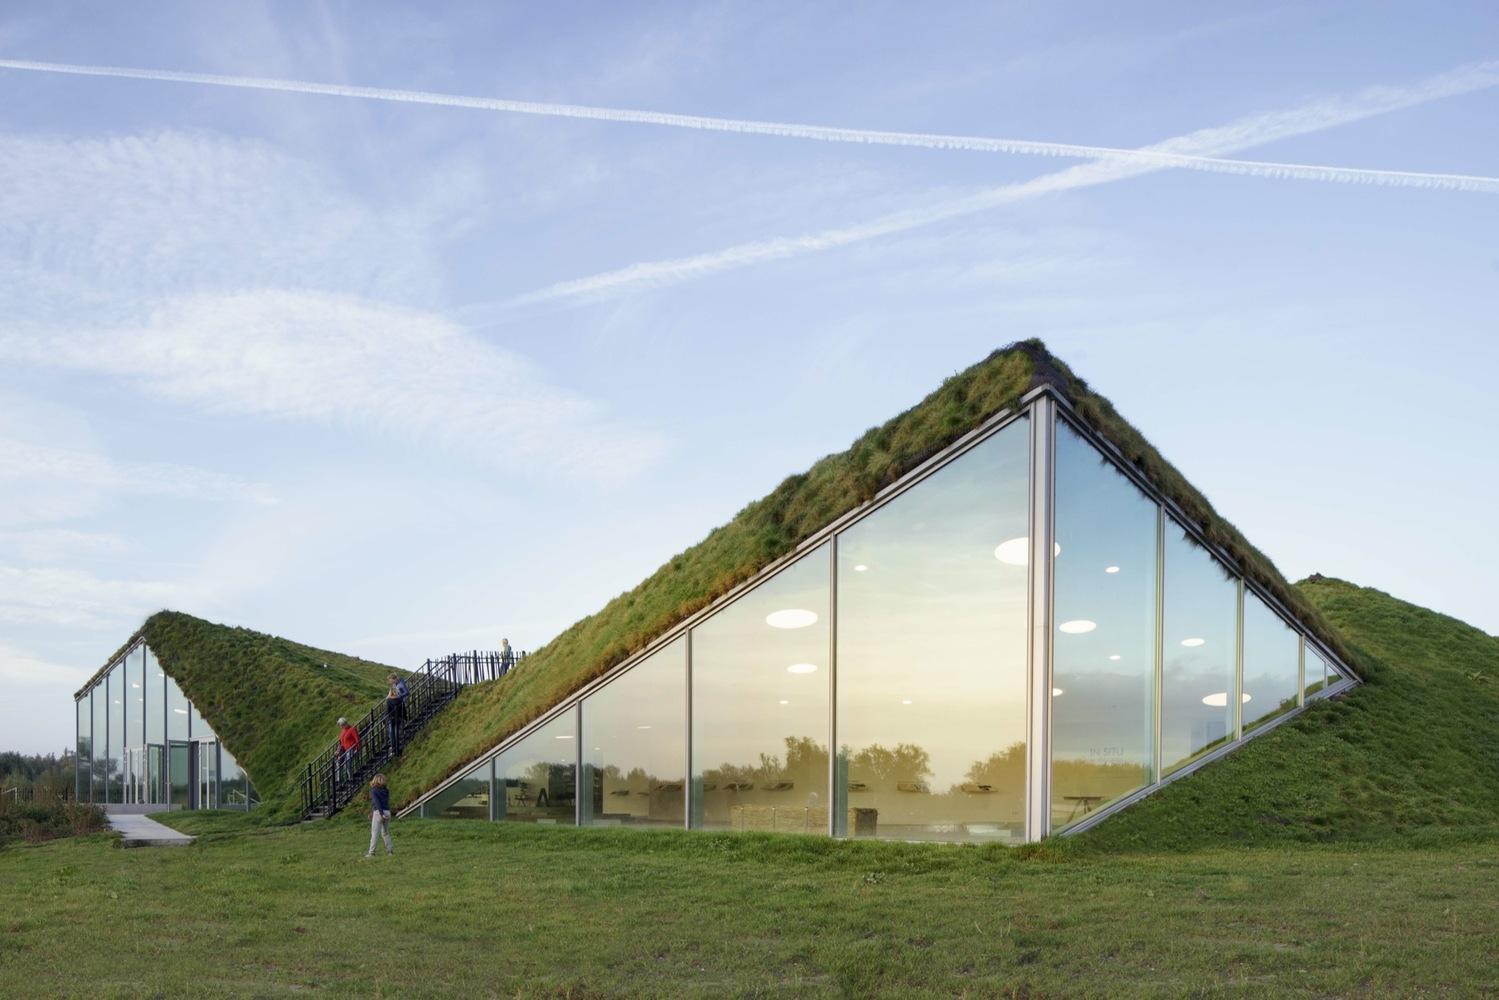 Biesbosch Museum Island / Studio Marco Vermeulen